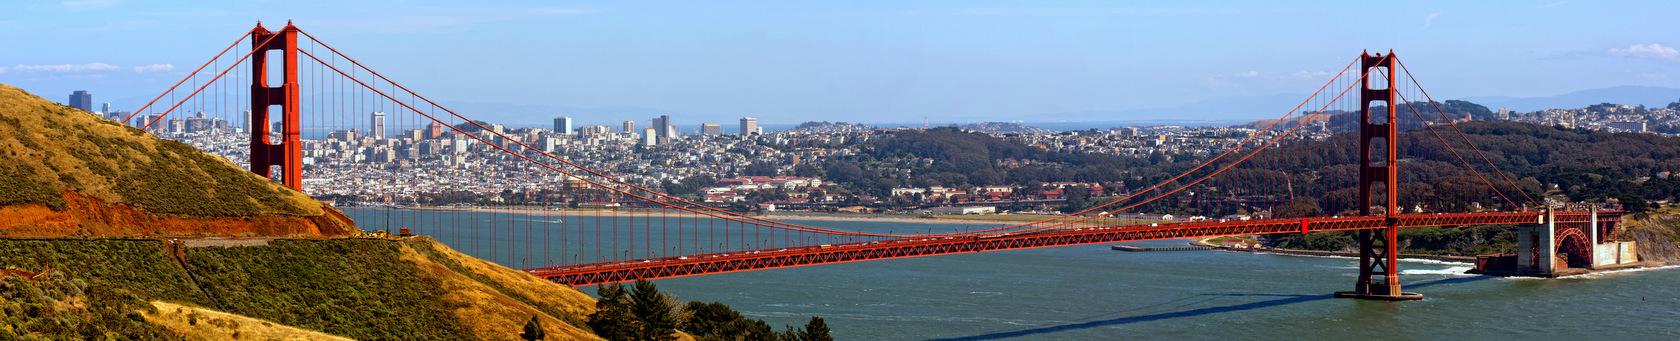 San Francisco - interesujące miasto do poznawania języka angielskiego